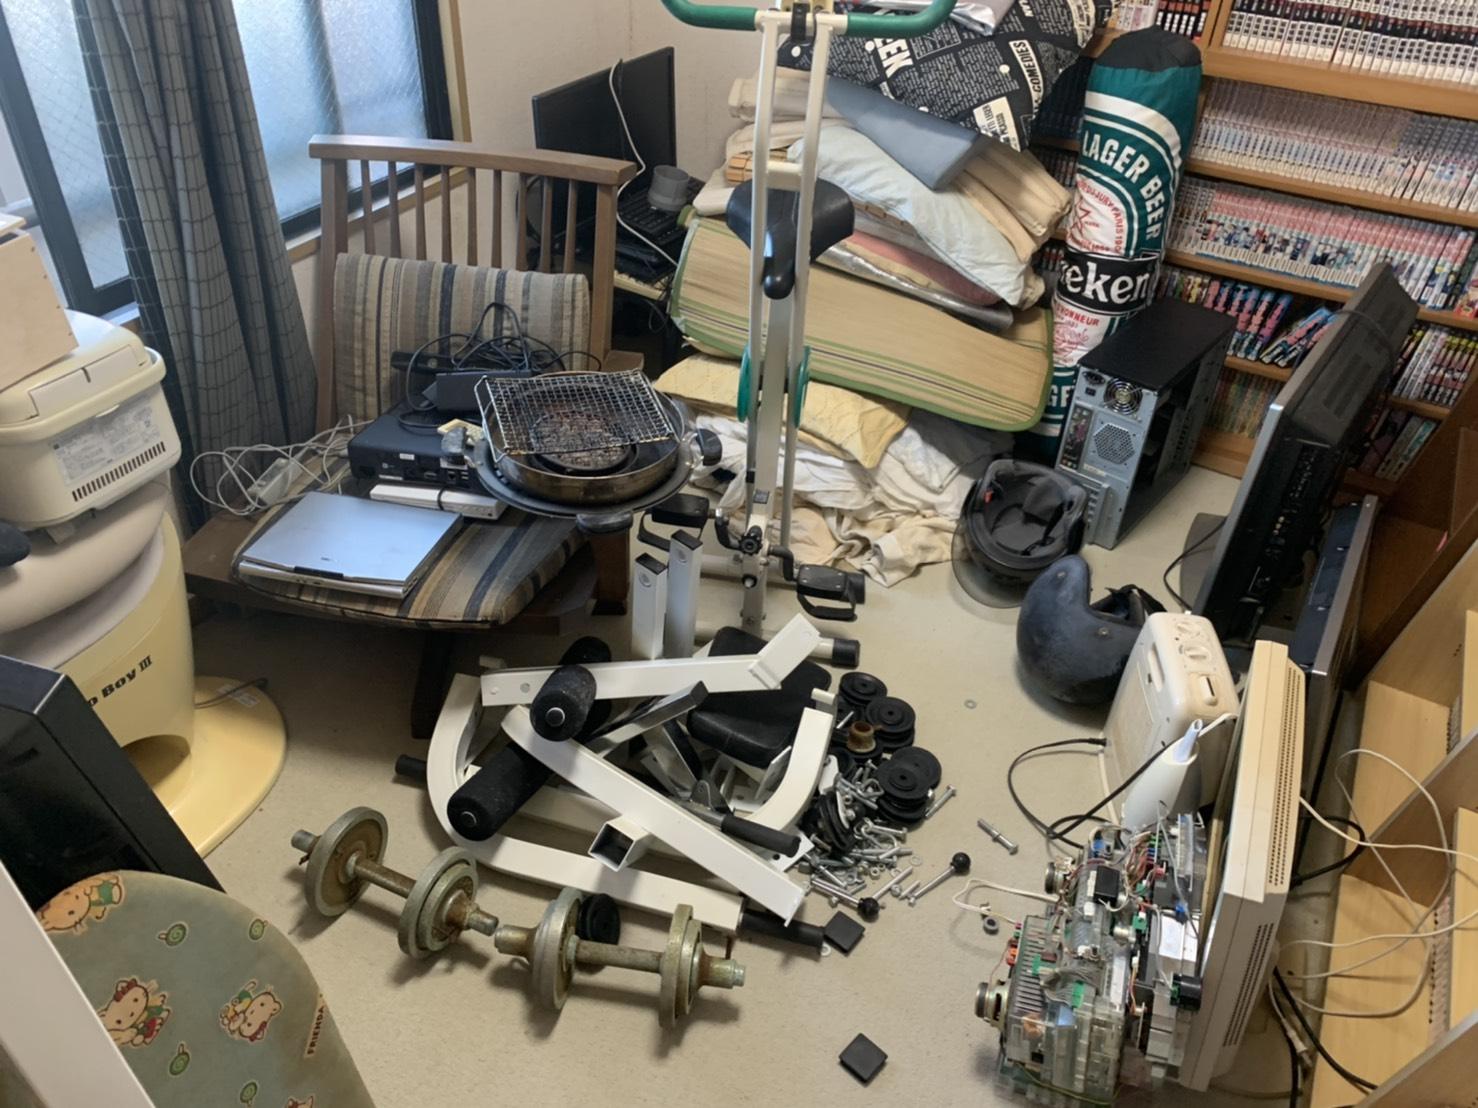 健康器具、テレビ、ヘルメット、炊飯器の回収前